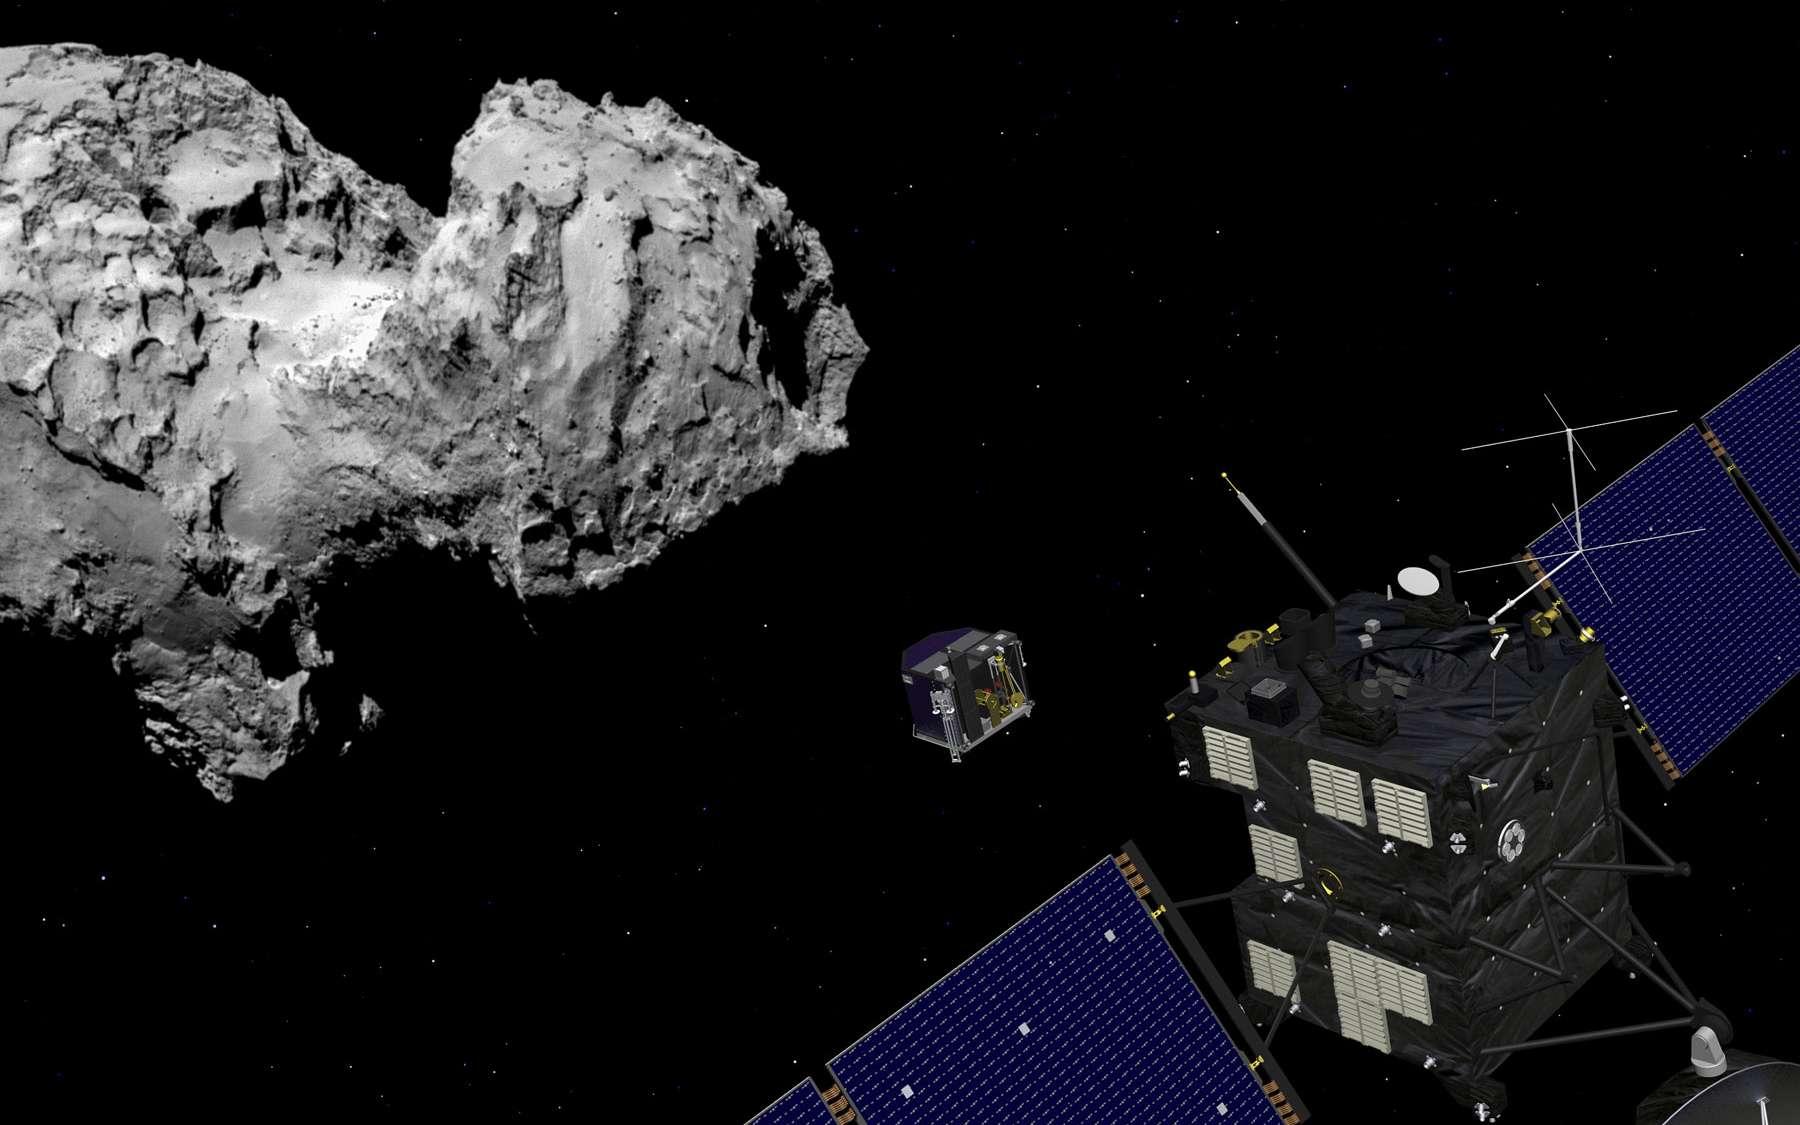 Philae tombera comme une pierre sur la comète. Cet atterrisseur suivra en effet une trajectoire balistique. Il faudra bien viser. © Esa, J. Huart / image comète Esa/Rosetta/MPS for OSIRIS Team MPS/UPD/LAM/IAA/SSO/INTA/UPM/DASP/IDA